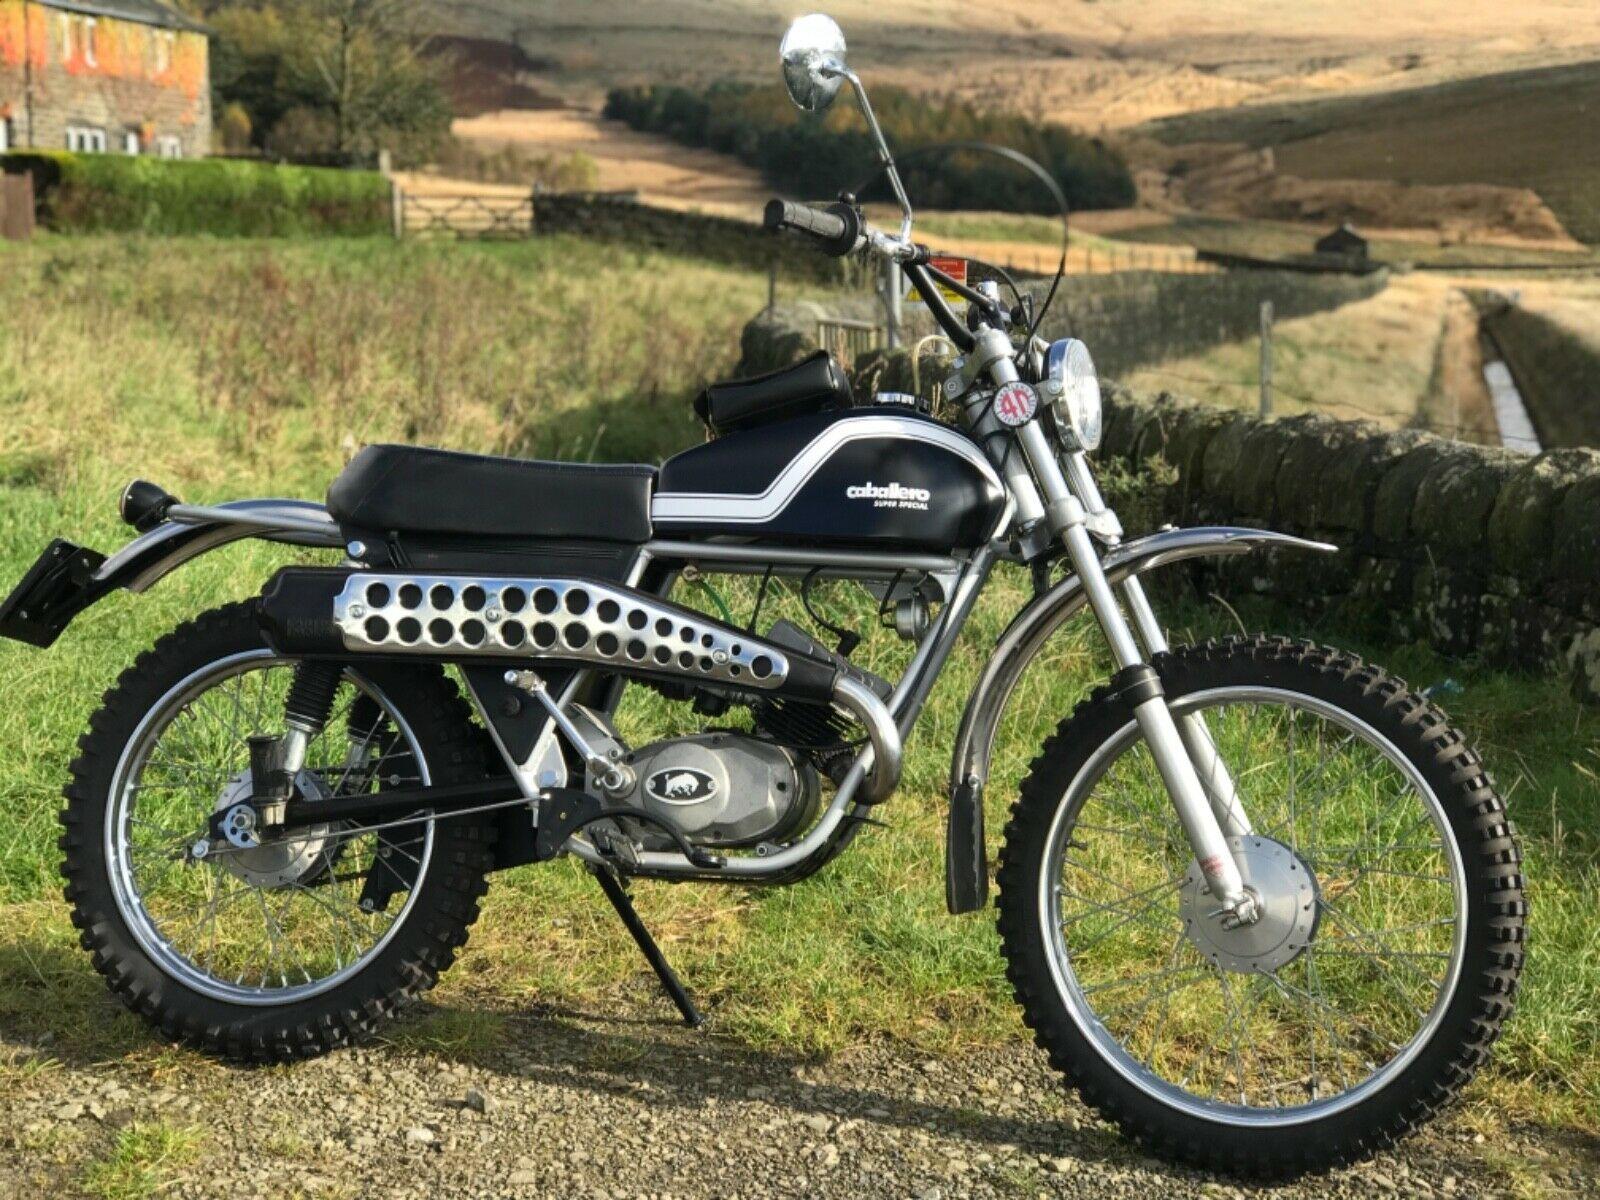 Fantic Caballero 50cc Super Special 1974